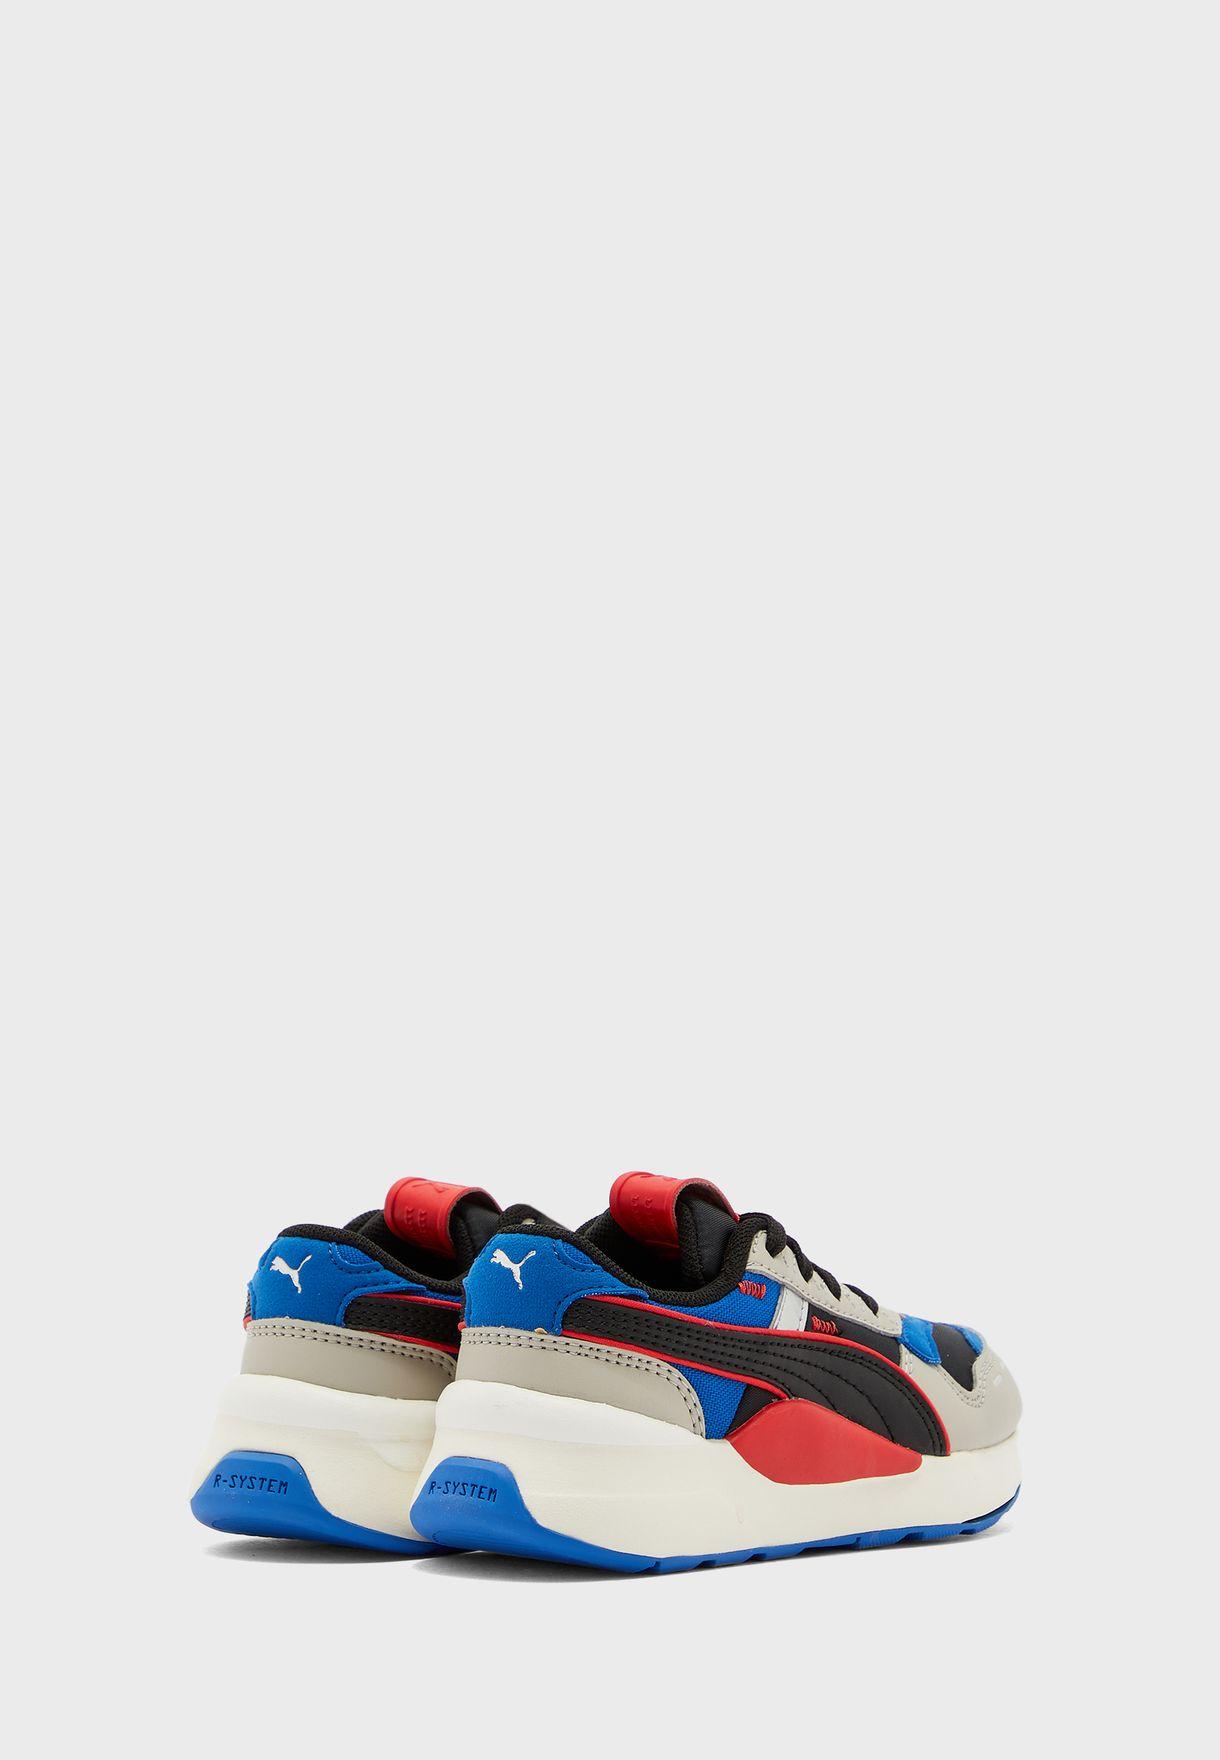 حذاء ار اس 2.0 فيوتشر